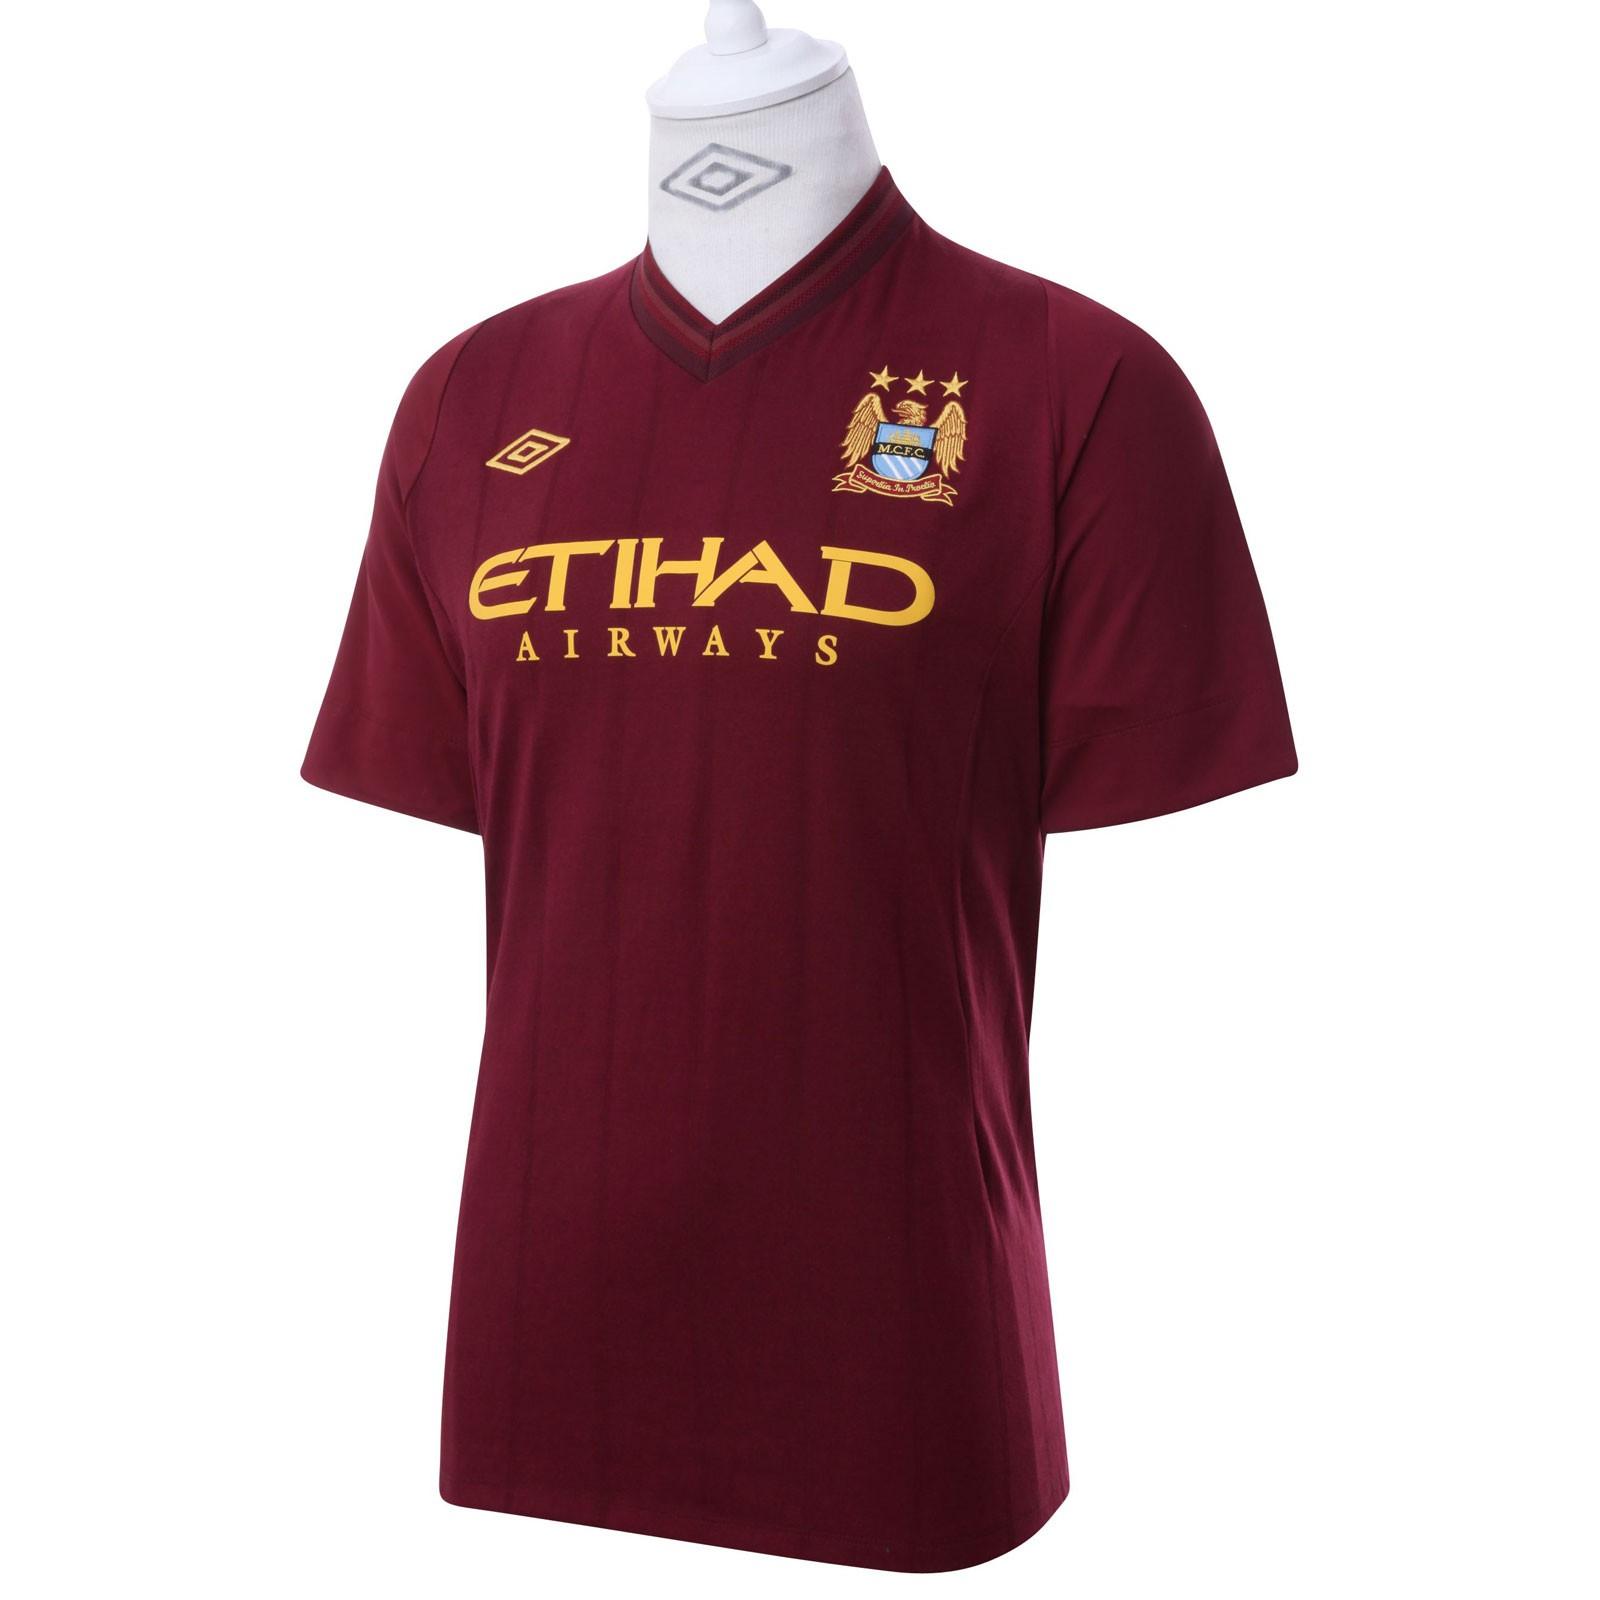 曼彻斯特城2012/13赛季客场球衣